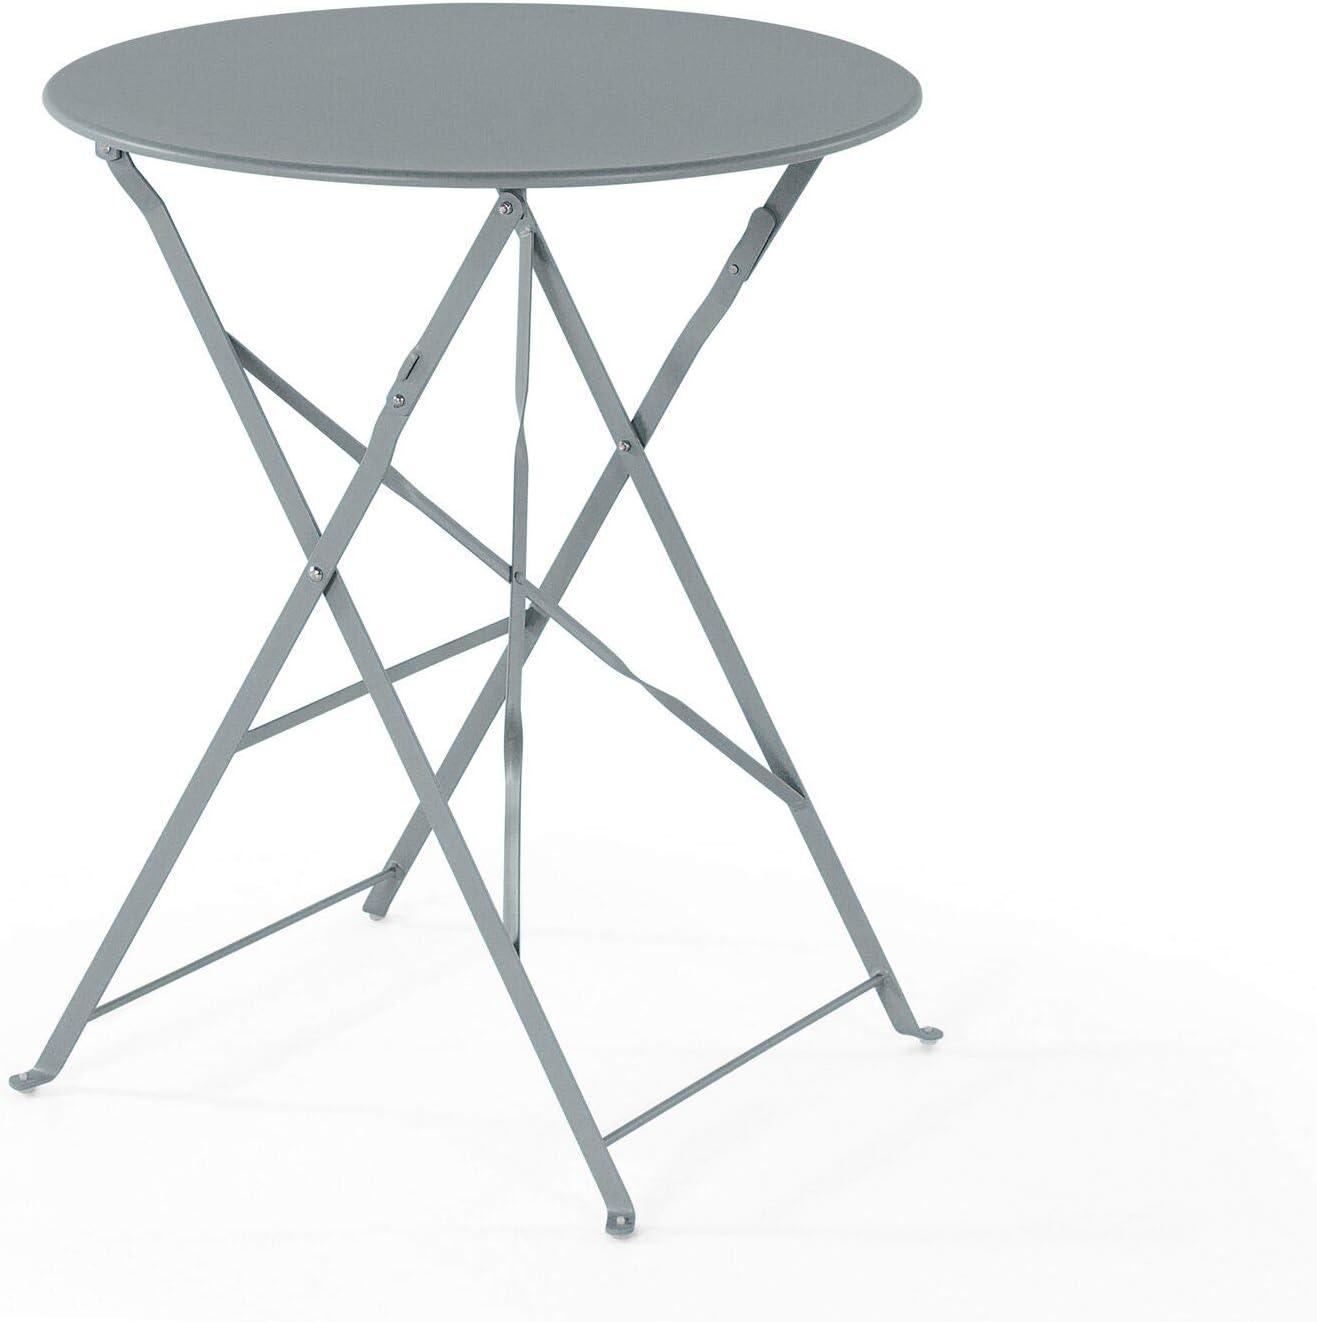 Modernes Balkonset Tisch mit 2 St/ühlen aus Stahl grau Fiori